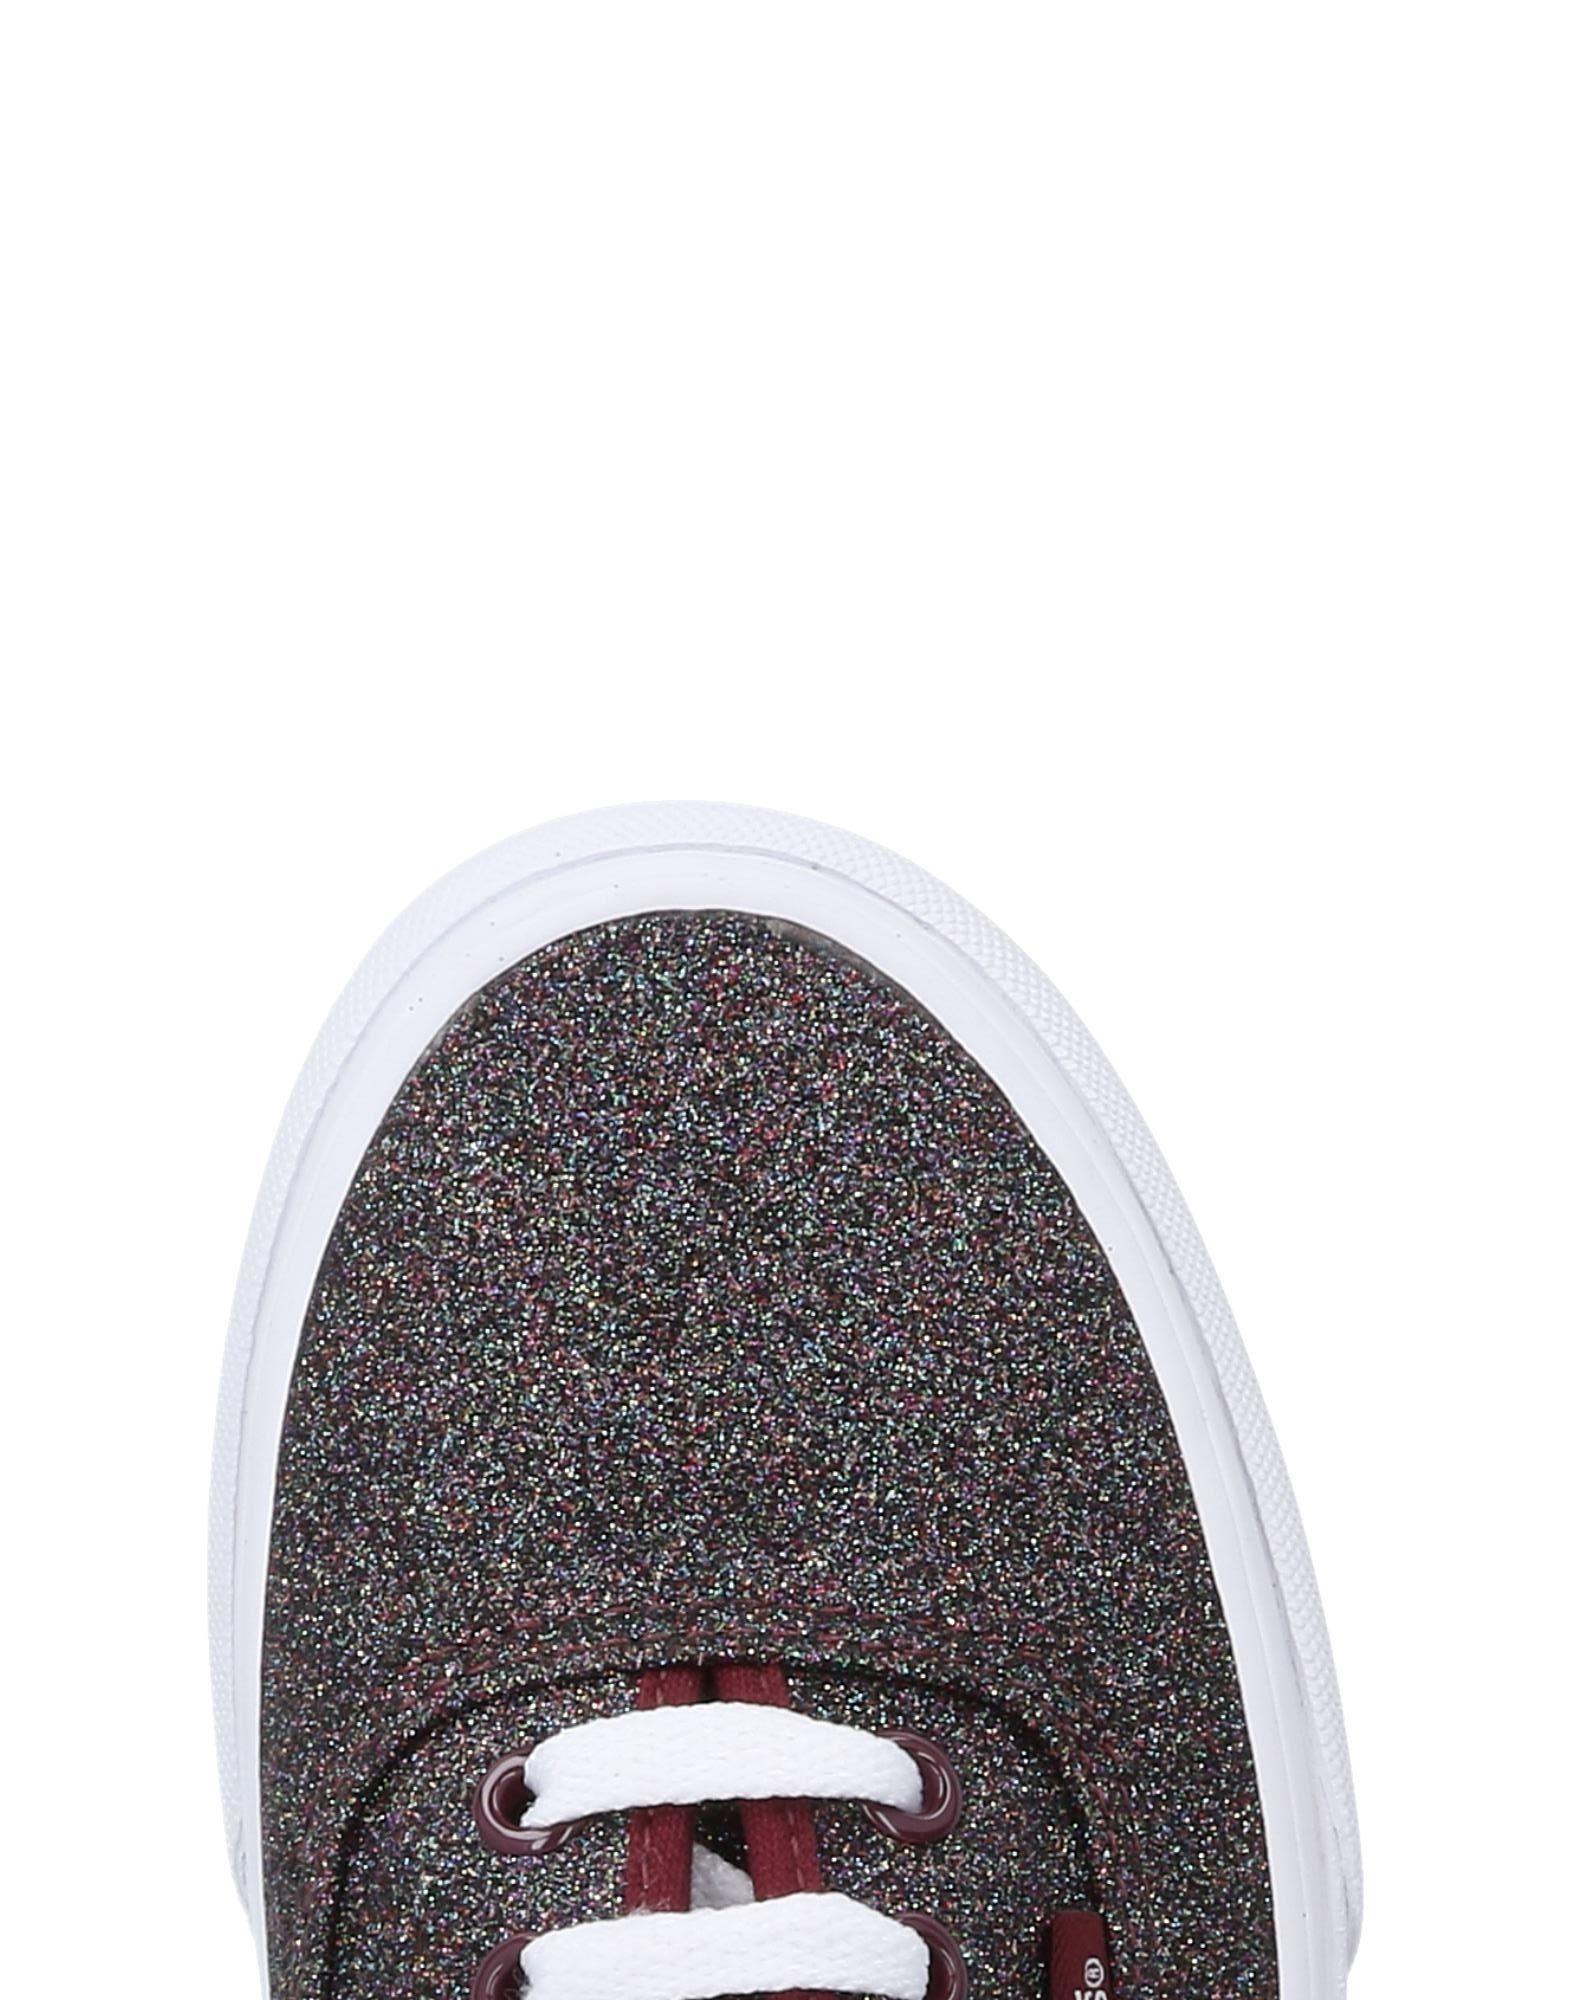 Vans 11476029HO Sneakers Damen  11476029HO Vans Gute Qualität beliebte Schuhe ee4f6c